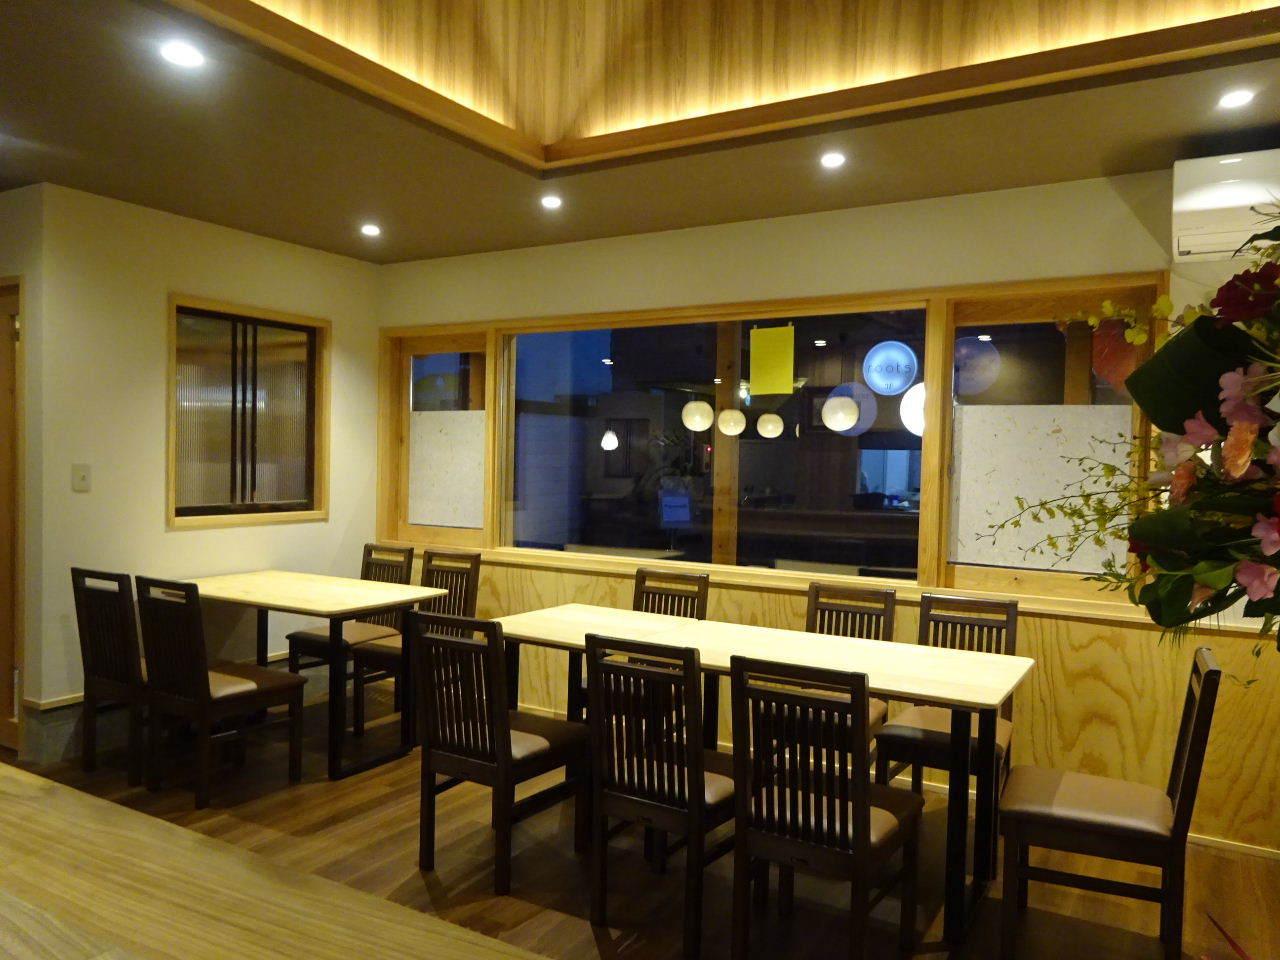 中央通り 居酒屋「茶の間」様 完成写真③_f0105112_04191841.jpg